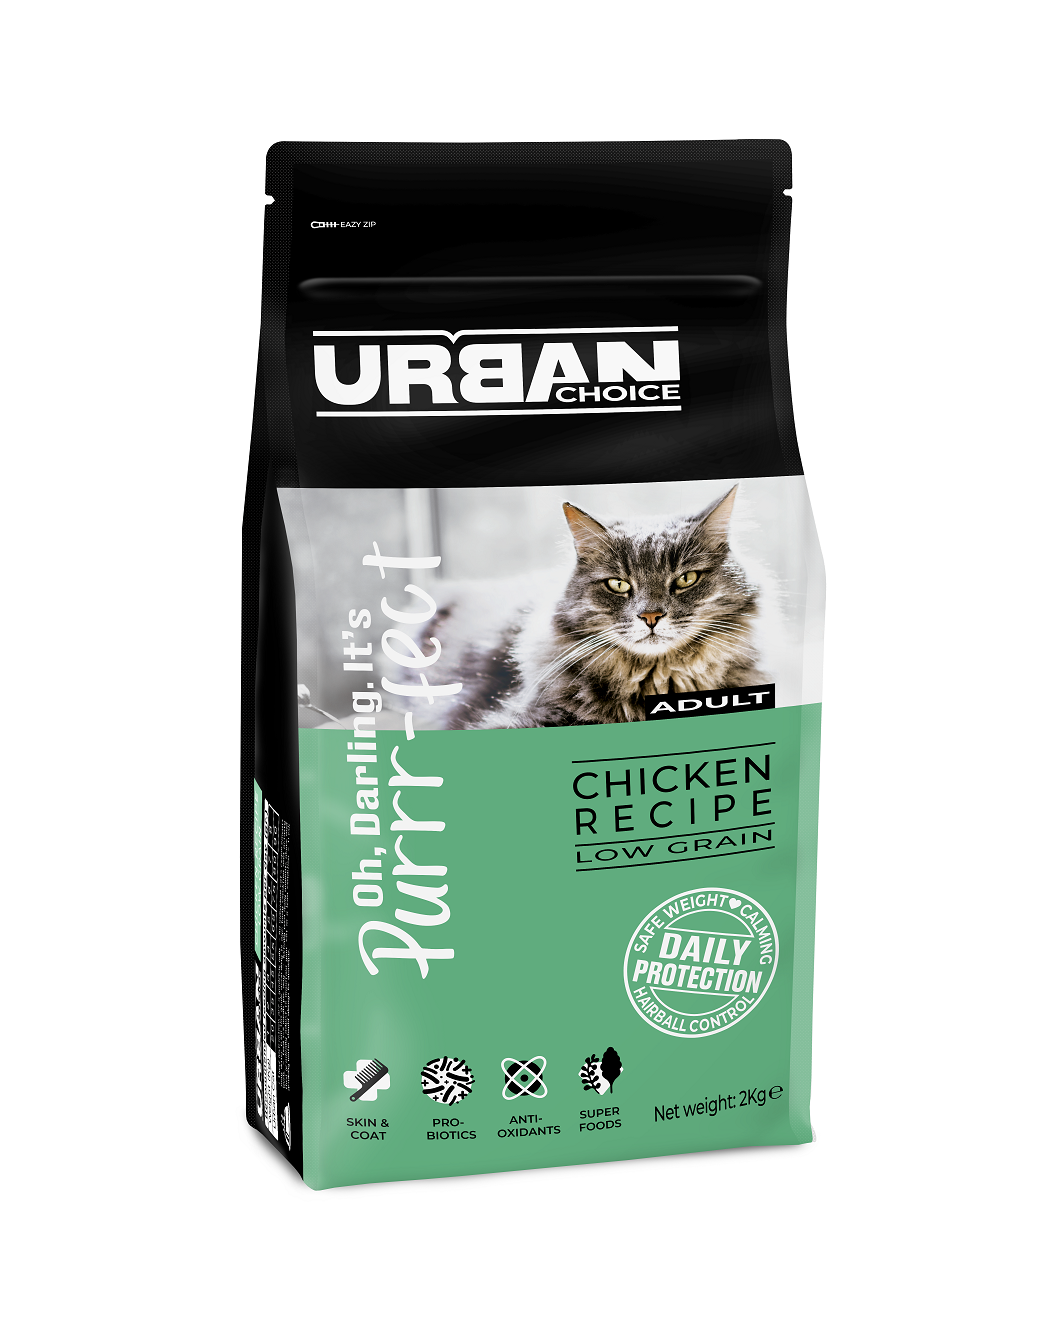 URBAN CHOICE  לחתול בוגר עוף 2 קילוגרם